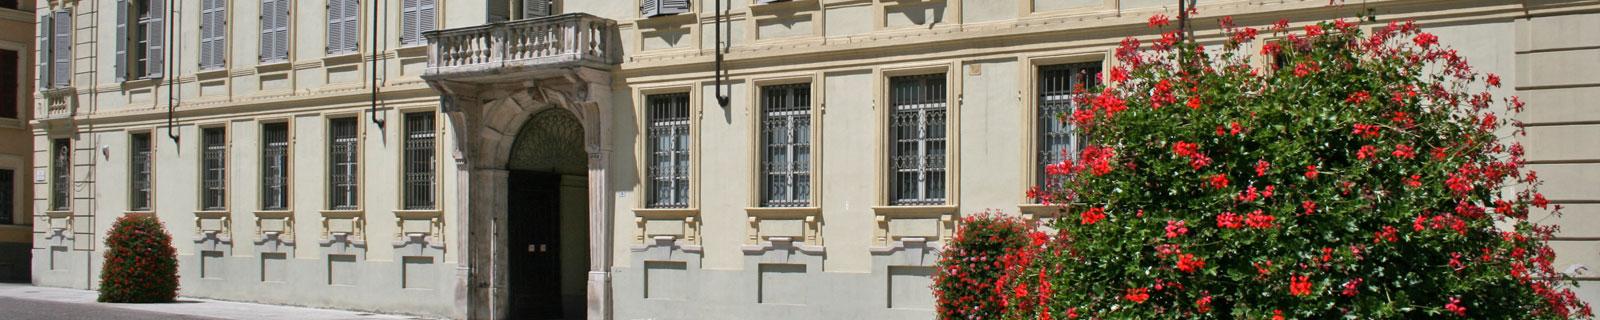 Immagine di testata: scorcio facciata di Palazzo Cuttica